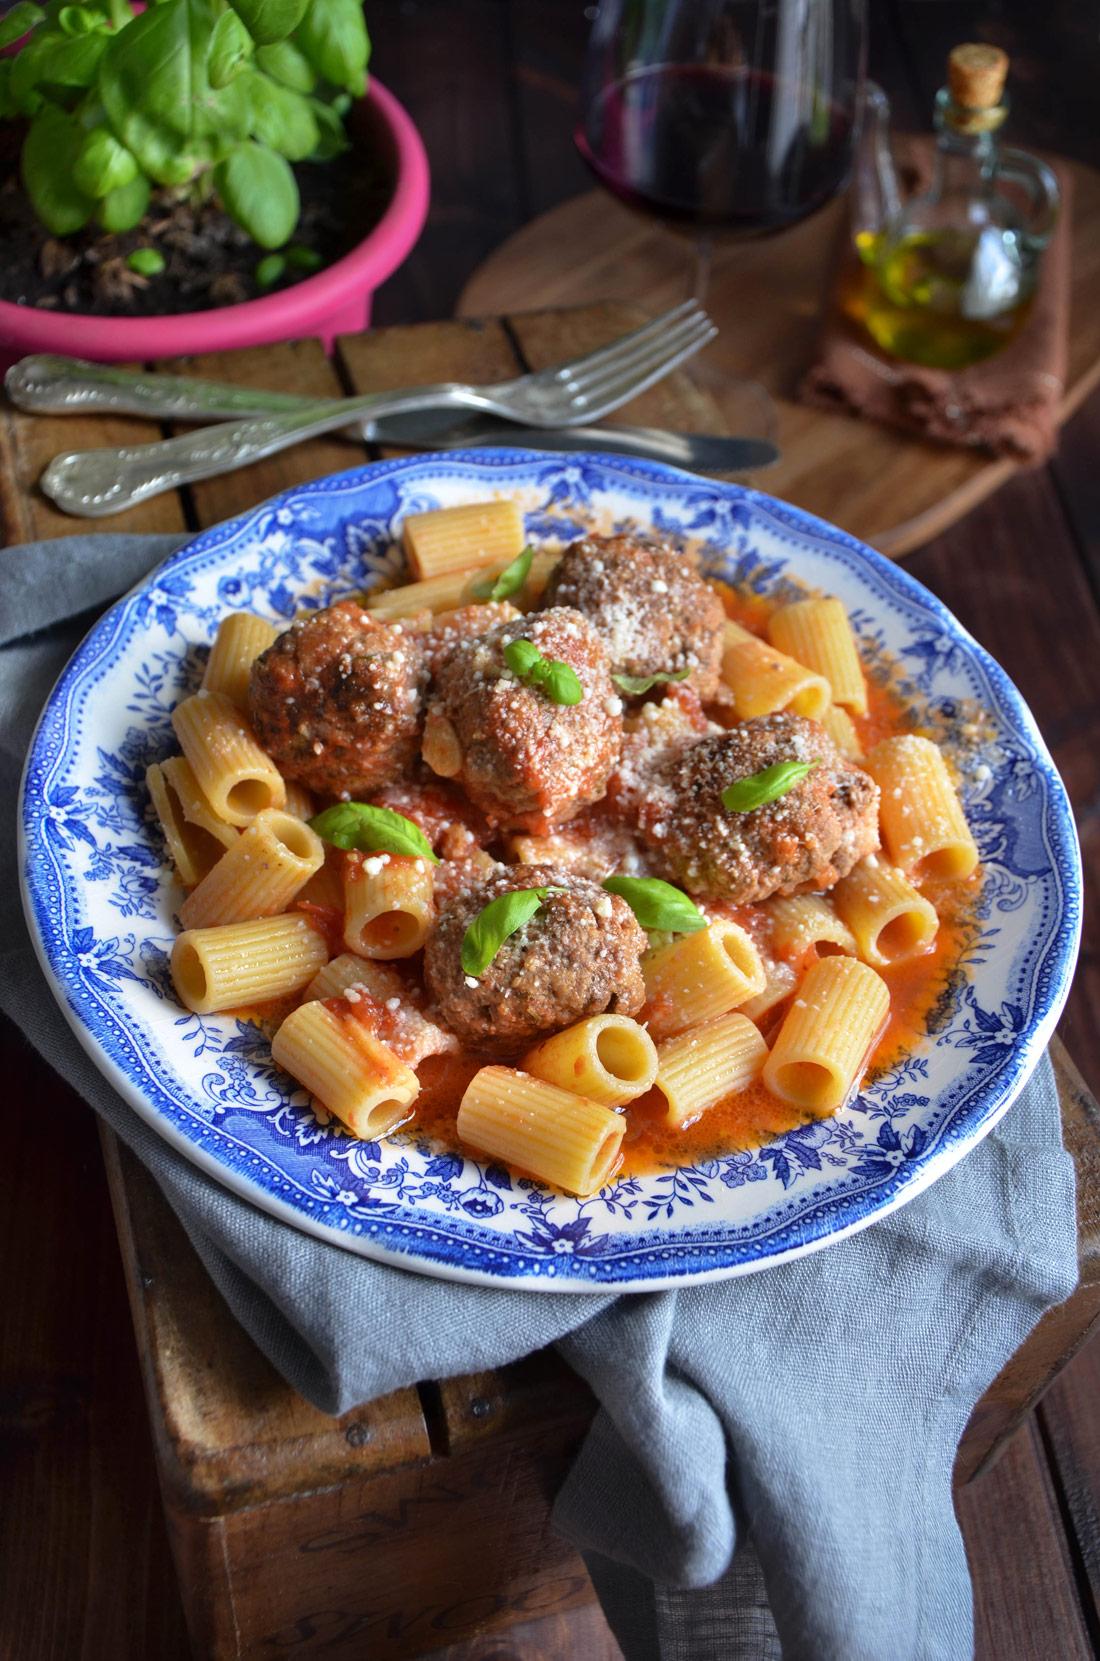 Recette de meatballs et rigatoni, un délicieux plat très savoureux.